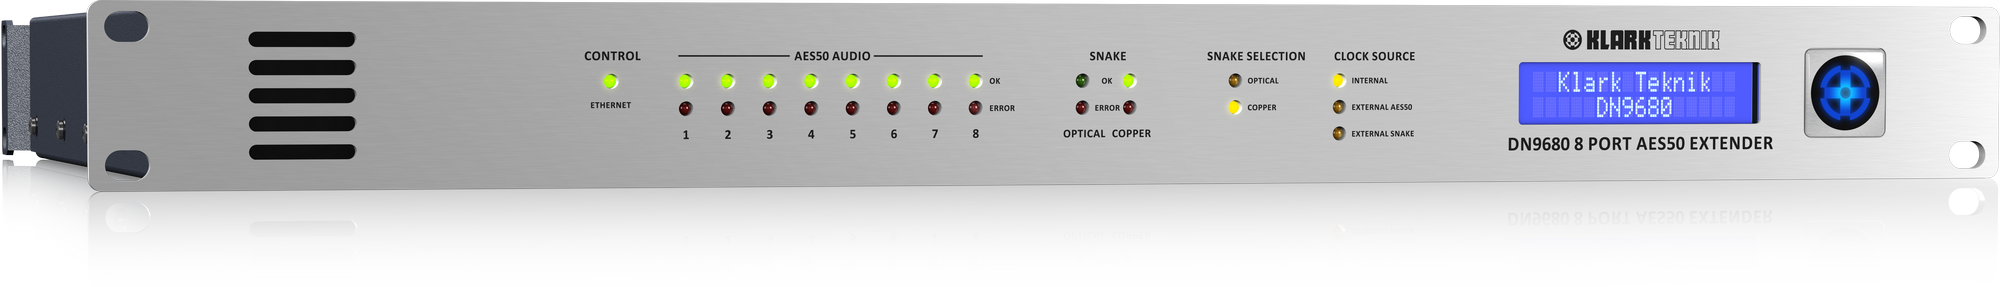 Klark Teknik DN9680